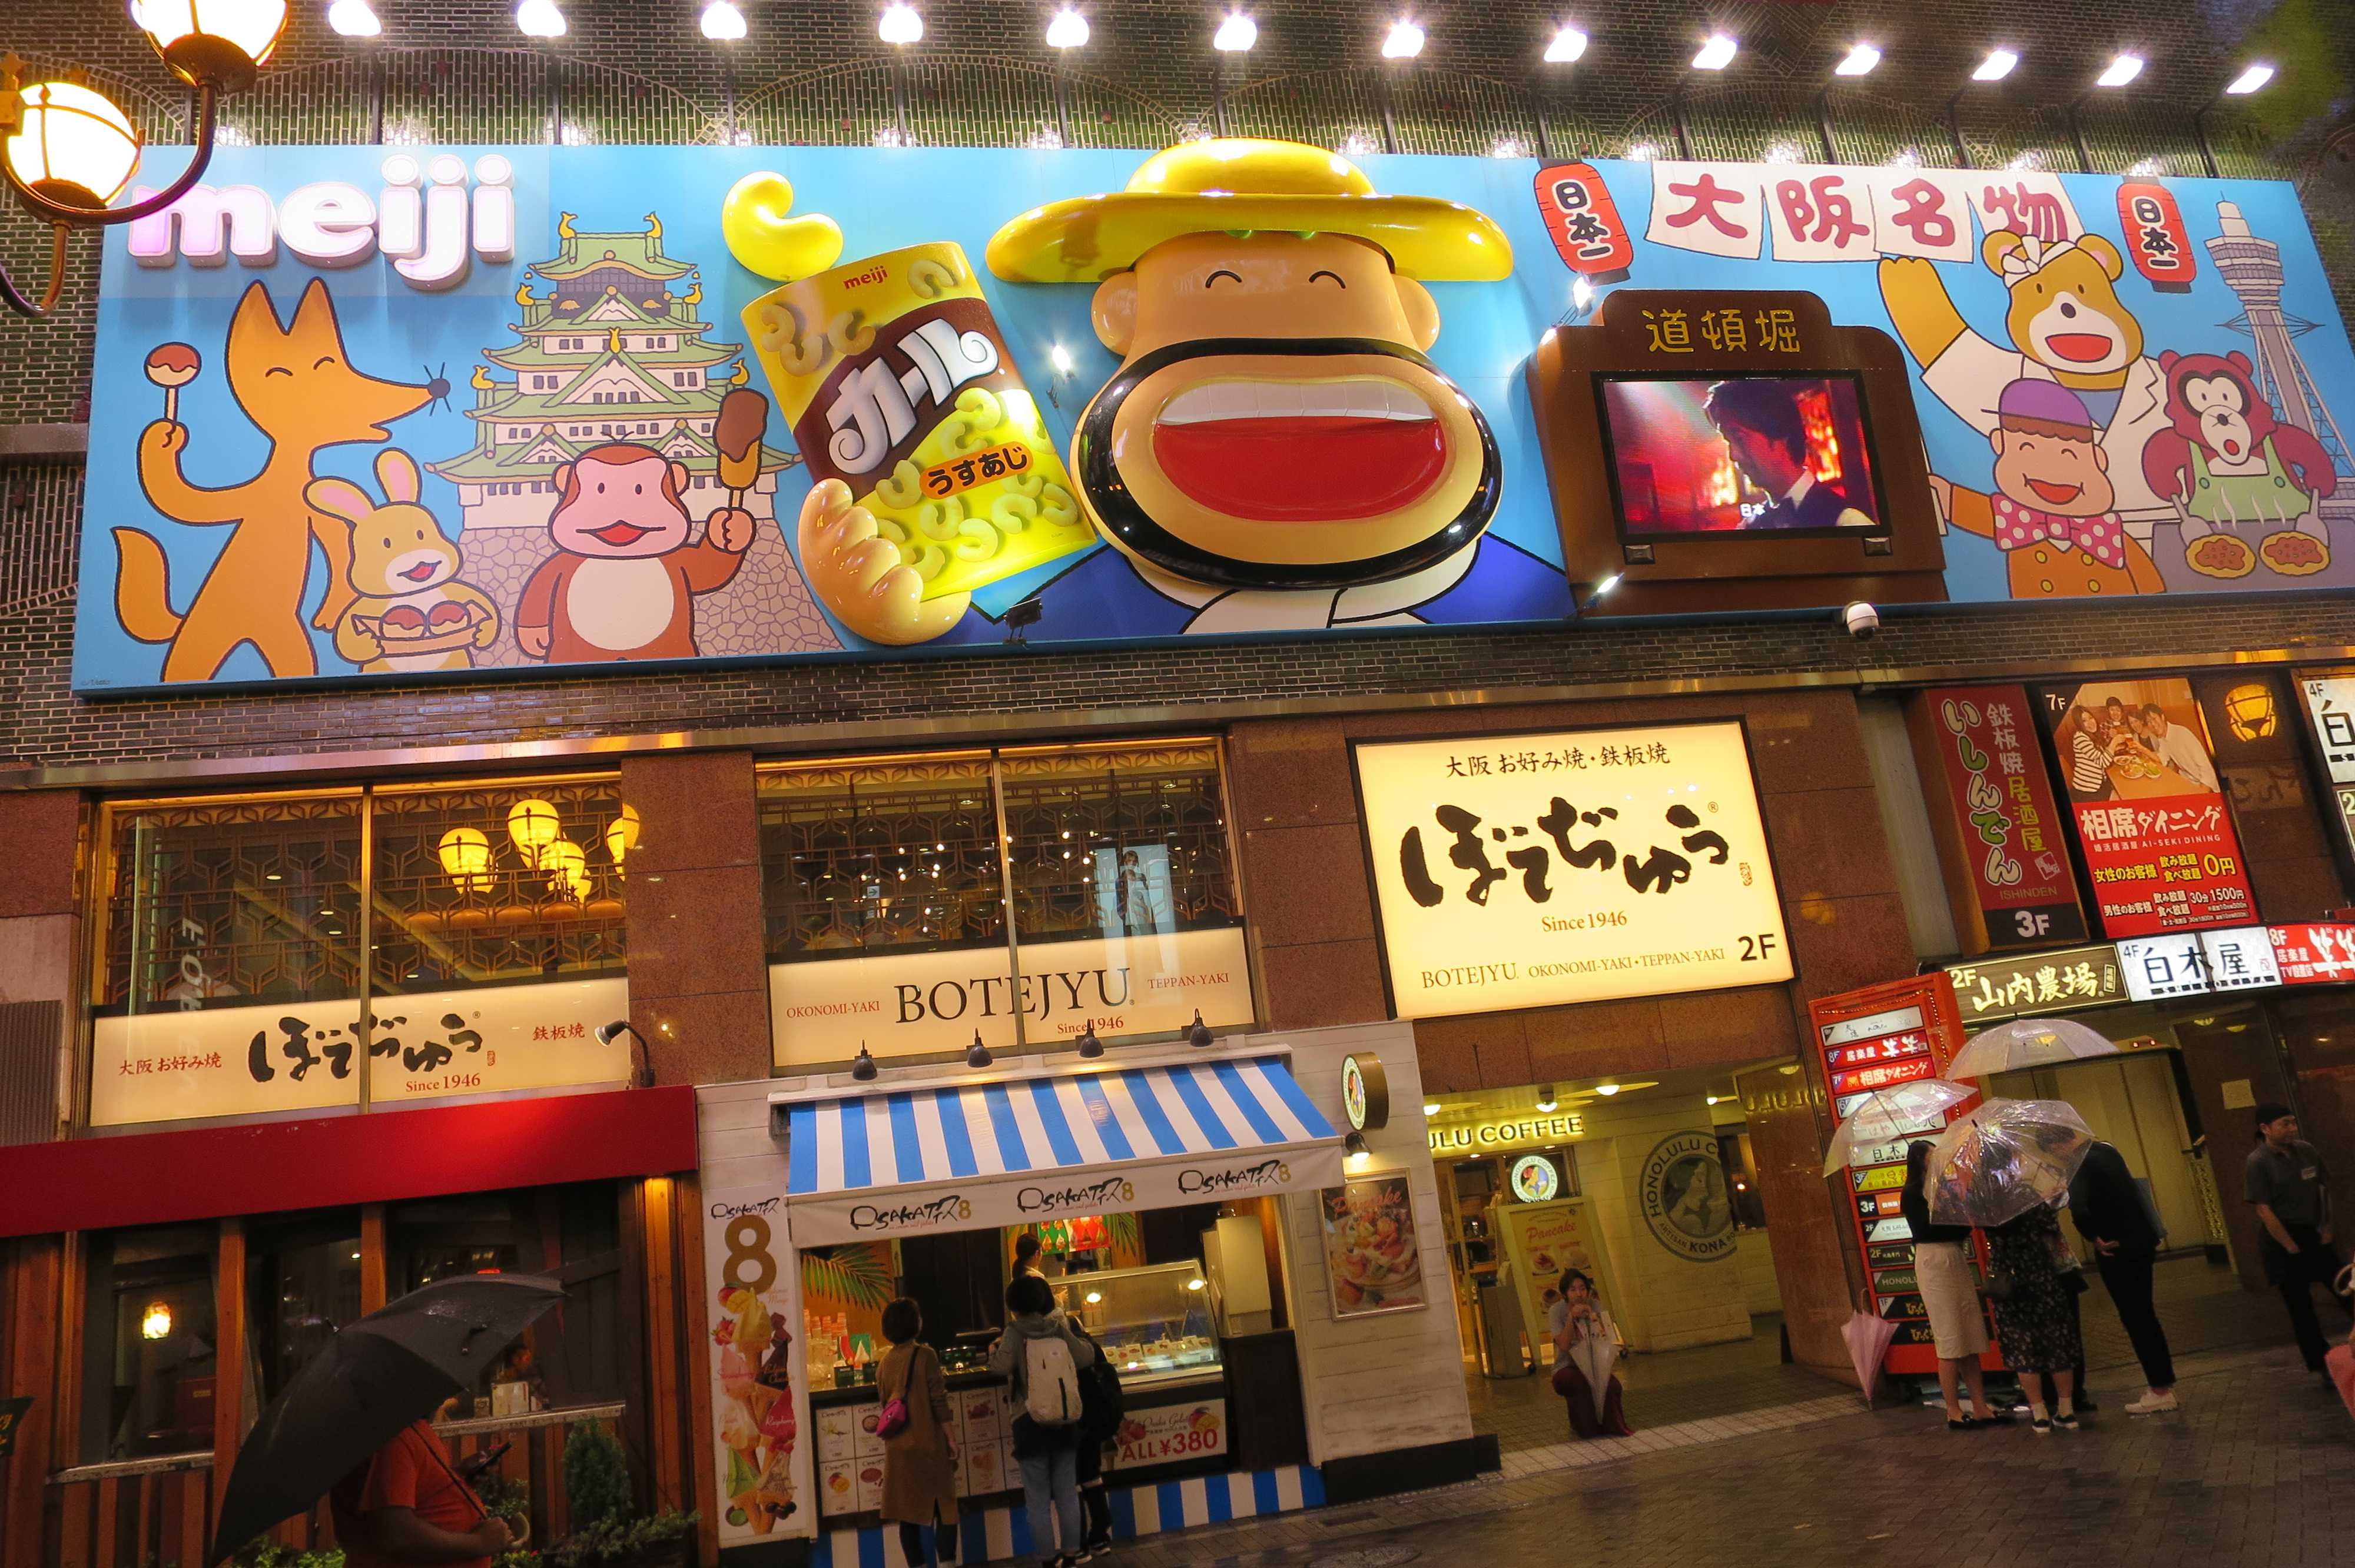 大阪・道頓堀 - カールおじさんのカラフルな巨大看板